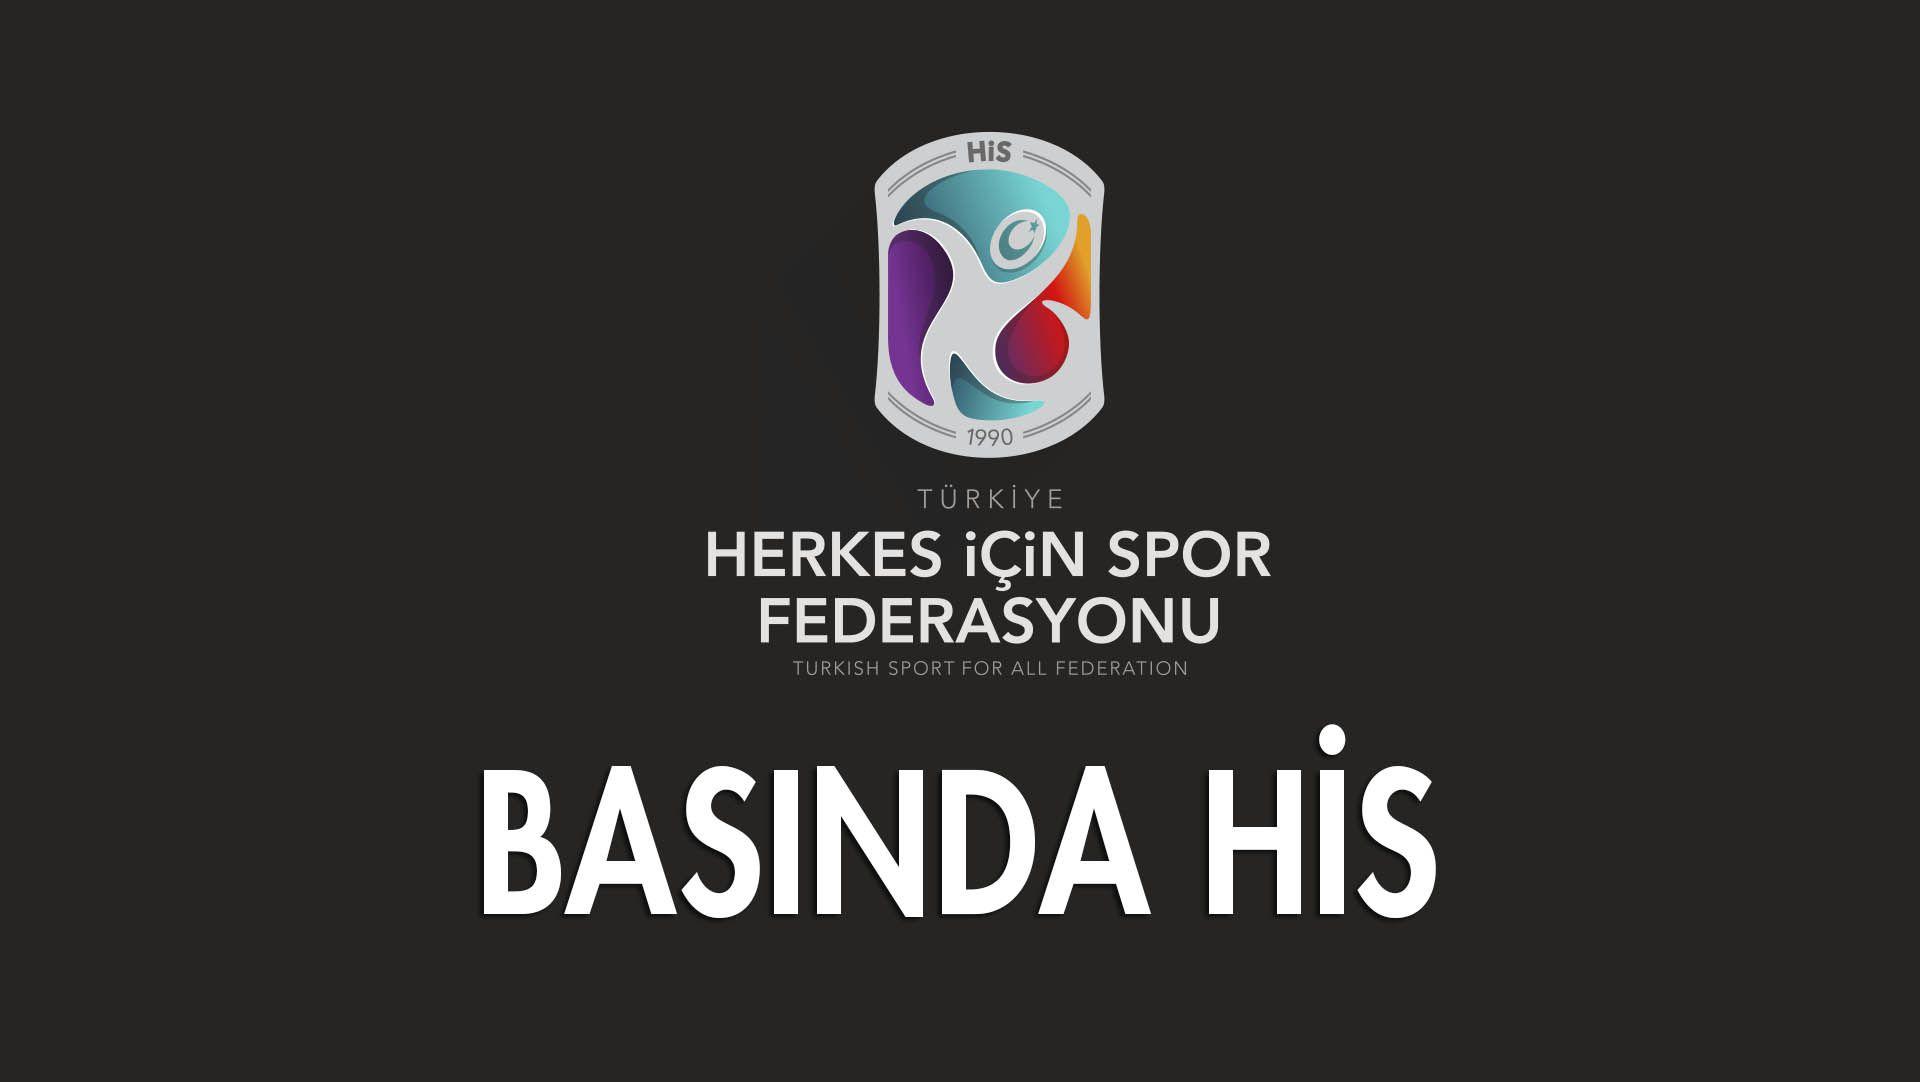 BASINDA HİS